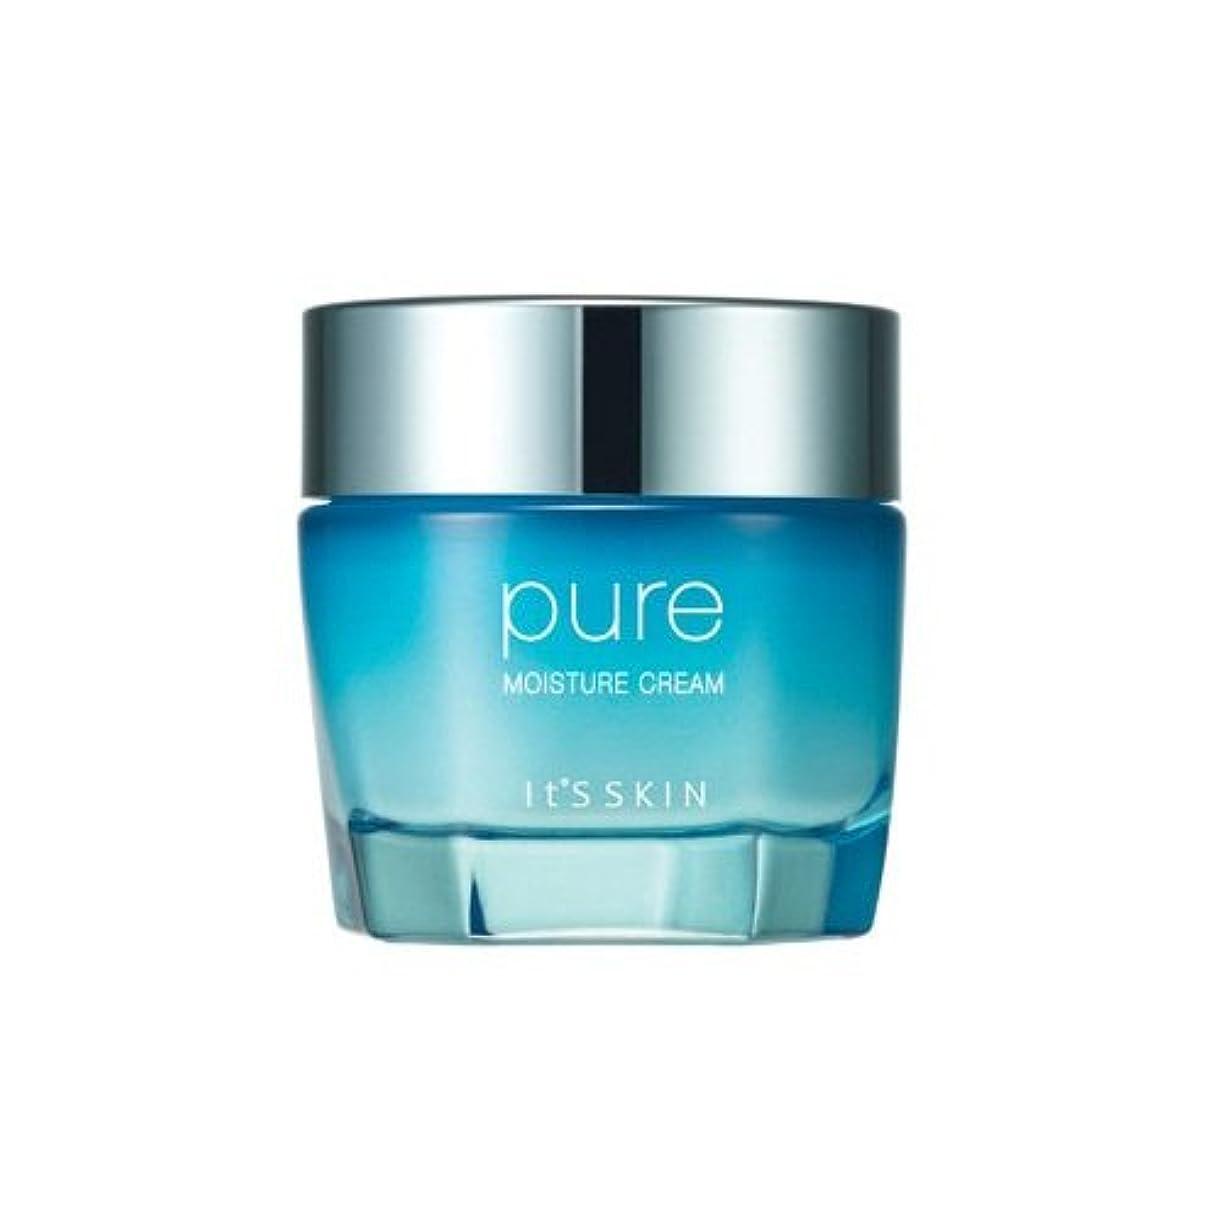 雑草各暖かくIts skin Pure Moisture Cream ッツスキンピュア水分クリーム 100ml [並行輸入品]